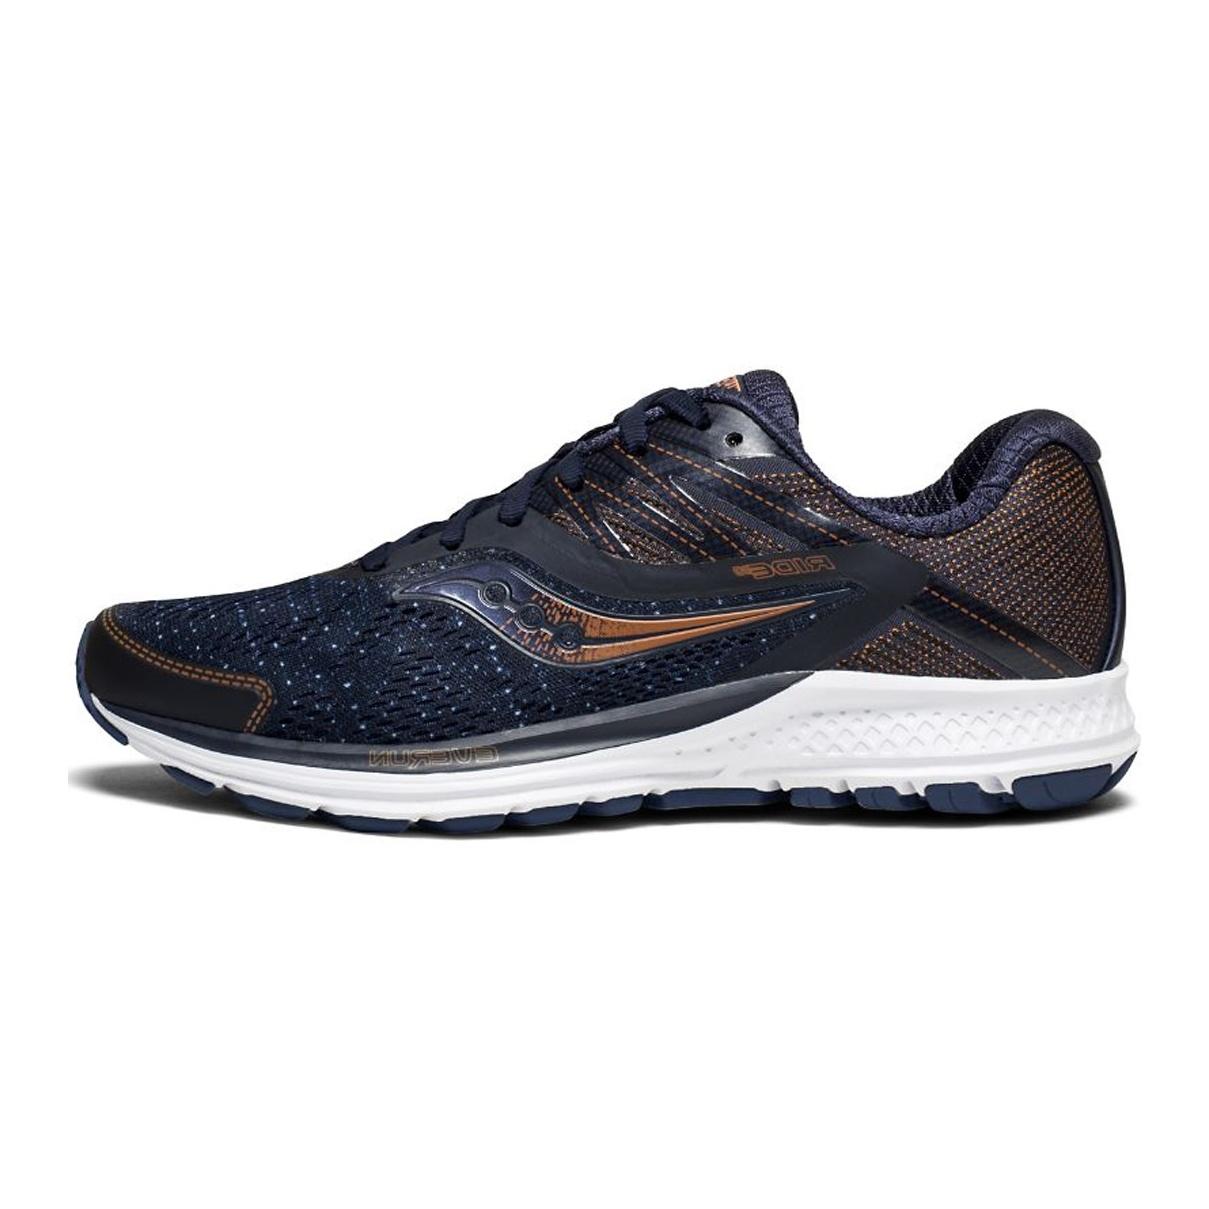 کفش مخصوص دویدن زنانه ساکنی مدل RIDE 10 کد 30-S10373